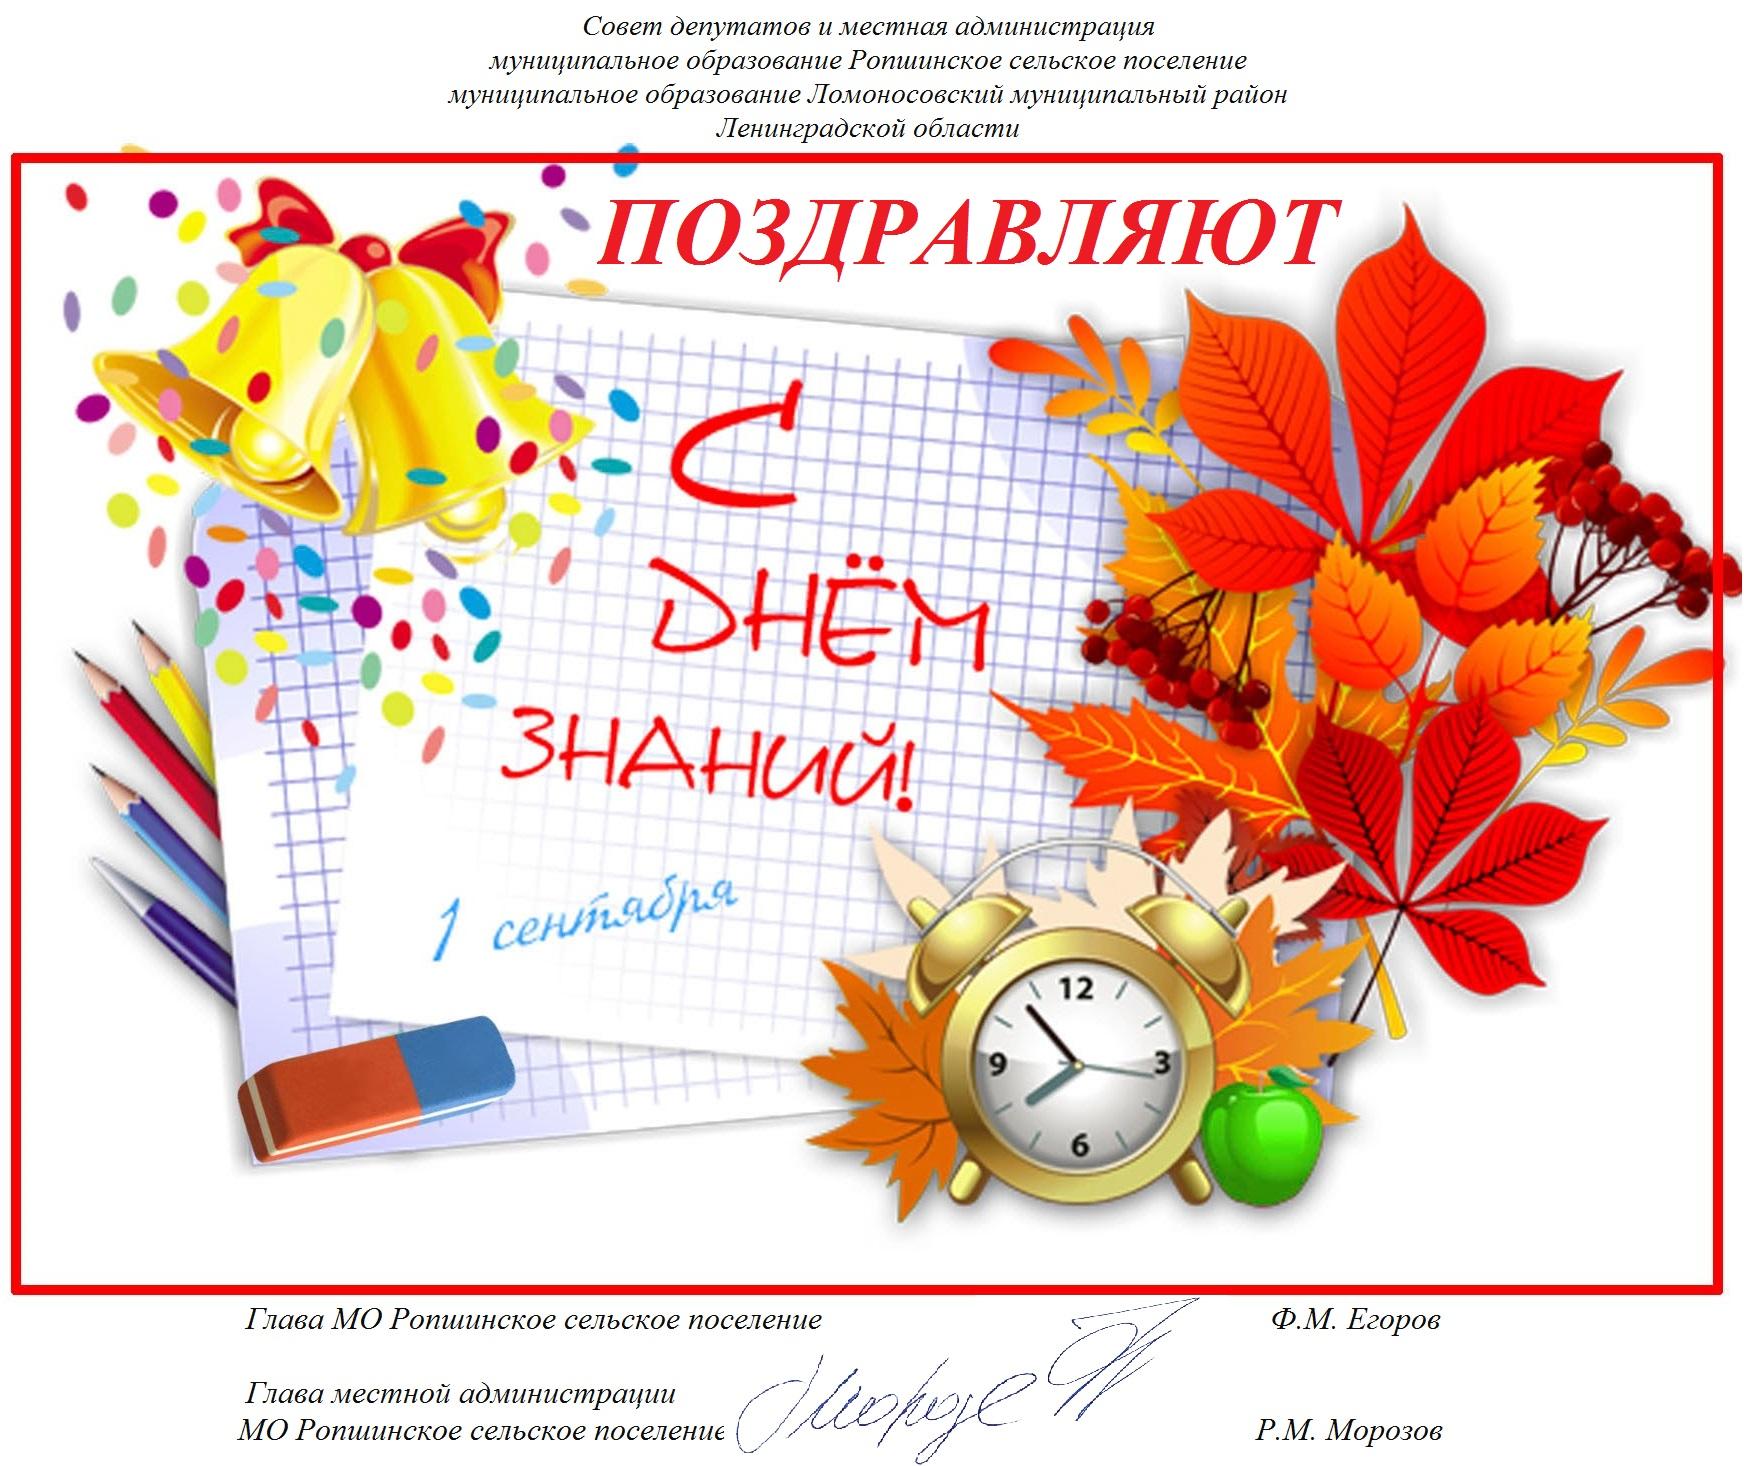 Поздравления с 1 сентября (с днем знаний) в прозе - Поздравок 10